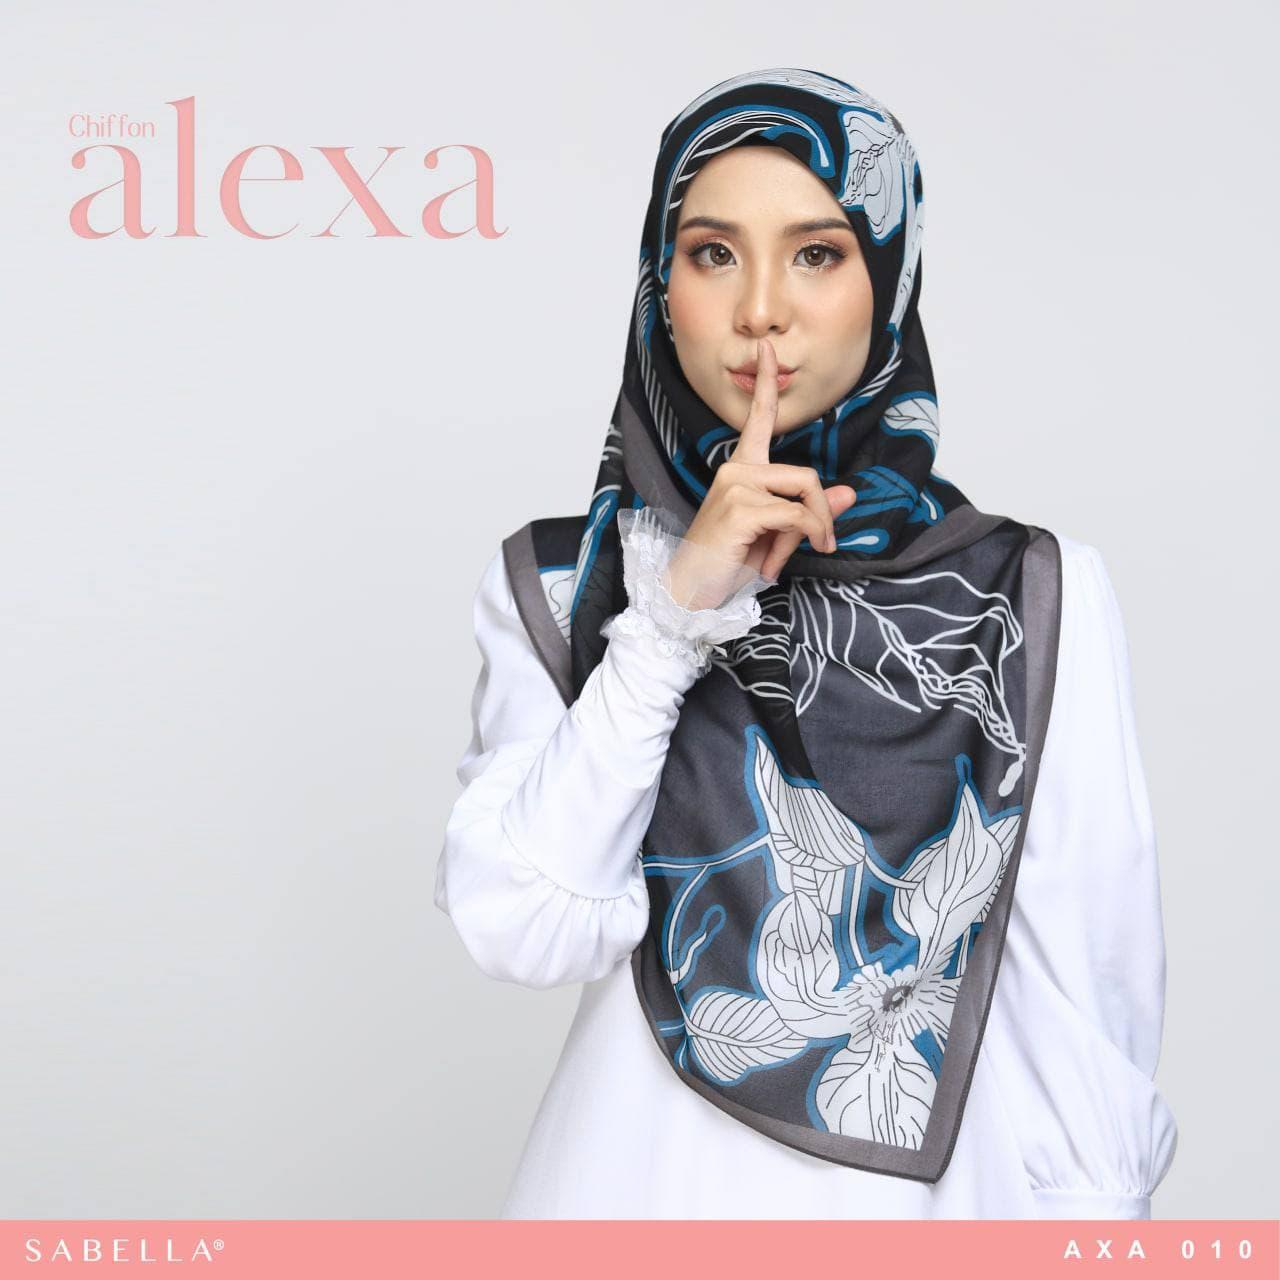 Alexa 010